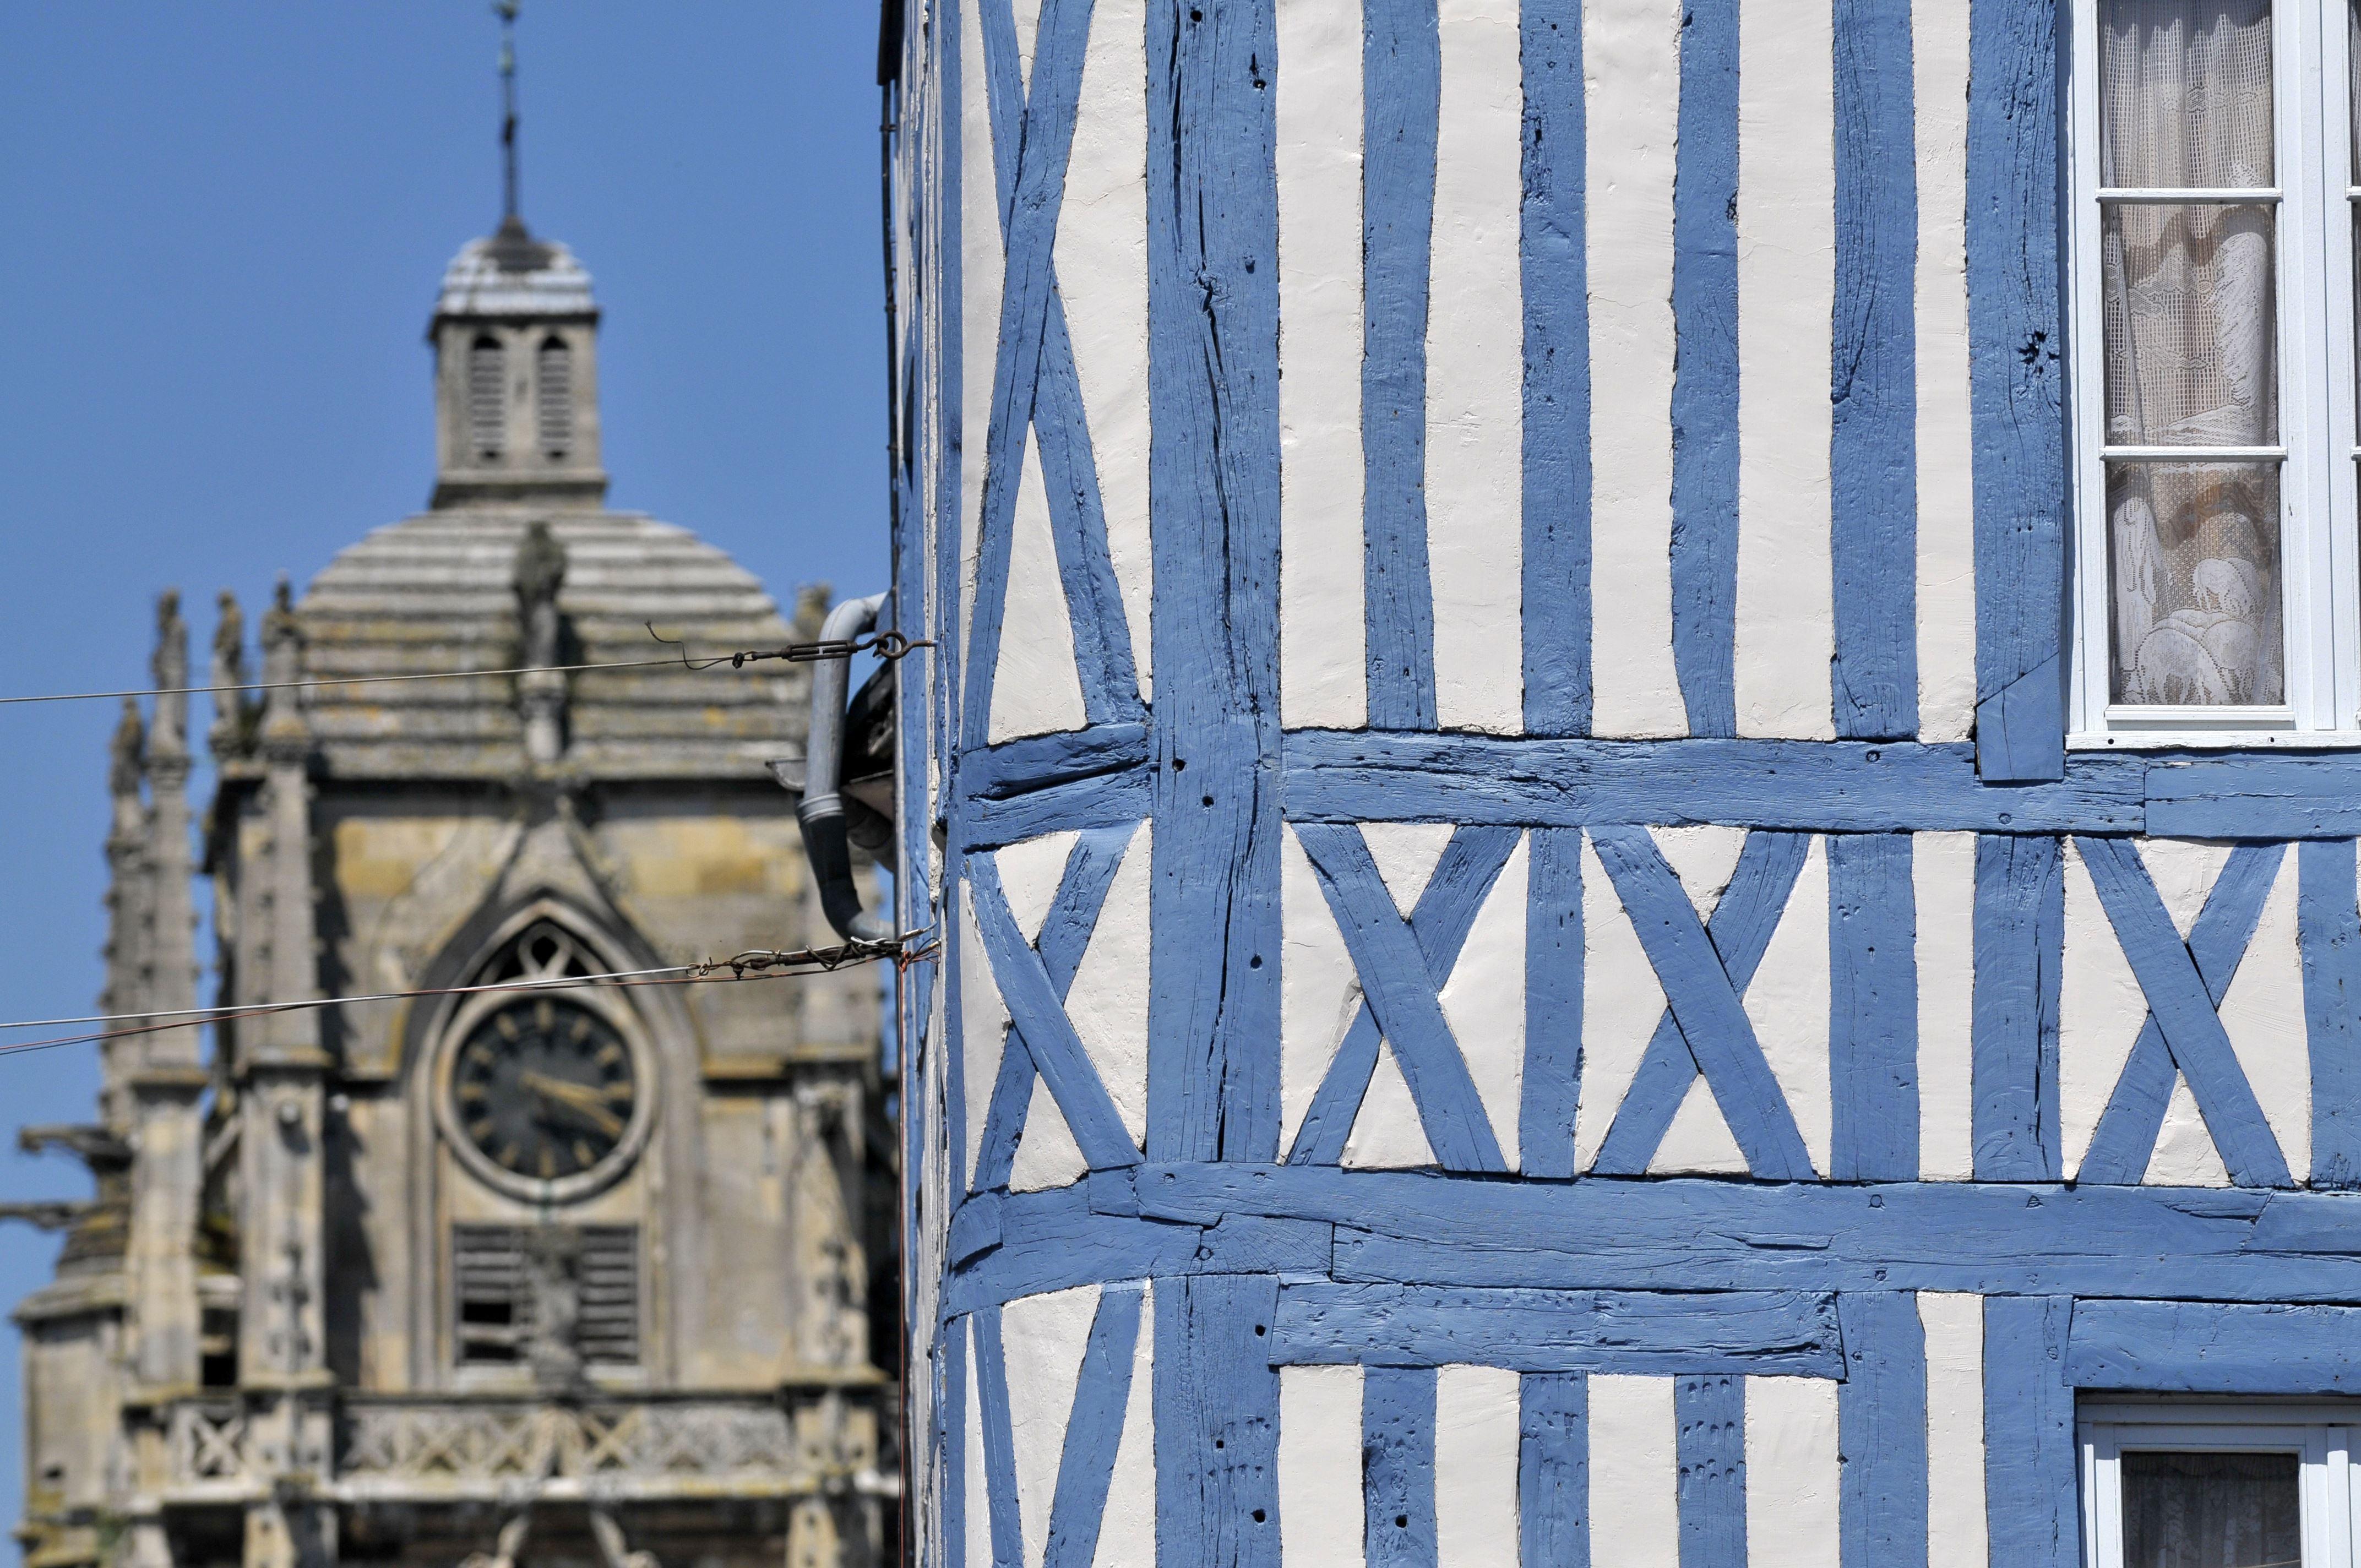 Elbeuf-sur-Seine, regards d'écrivains - samedi 11 juillet 2015 à 15h